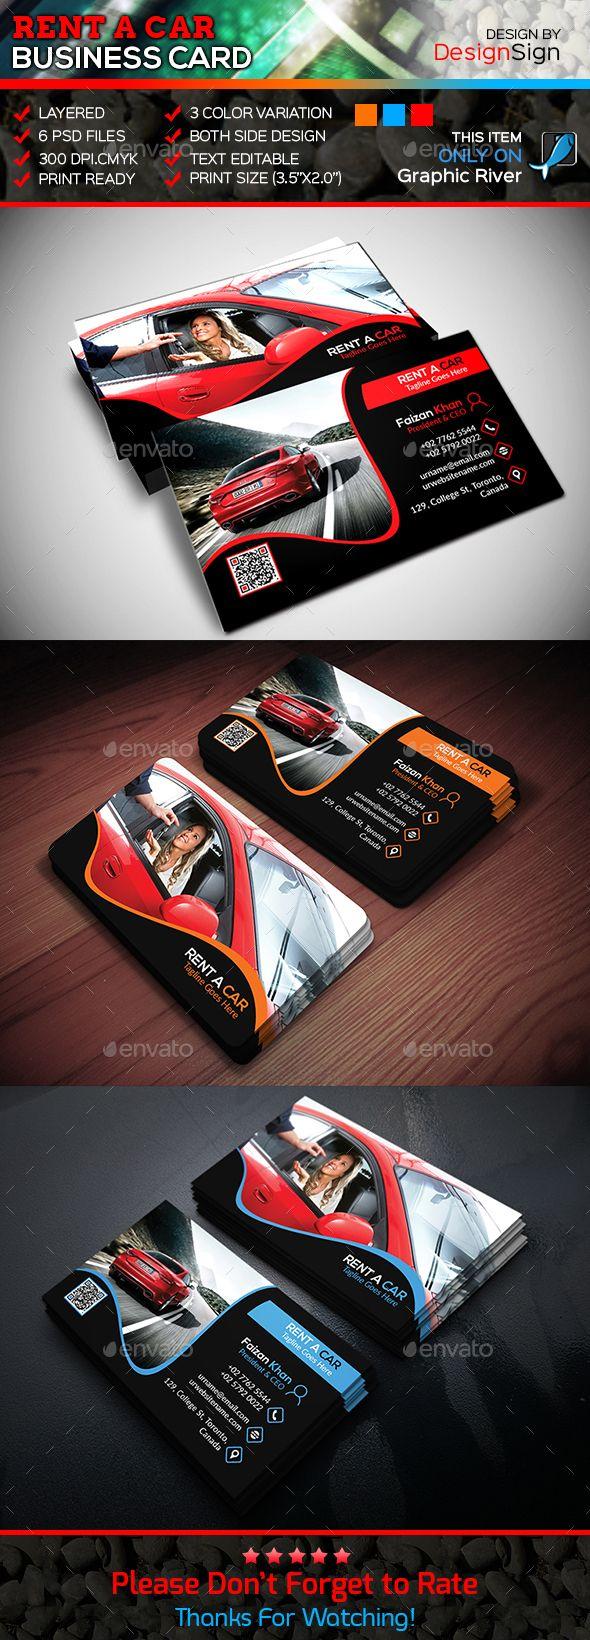 Rent A Car Business Card | Pinterest | Card templates, Business ...